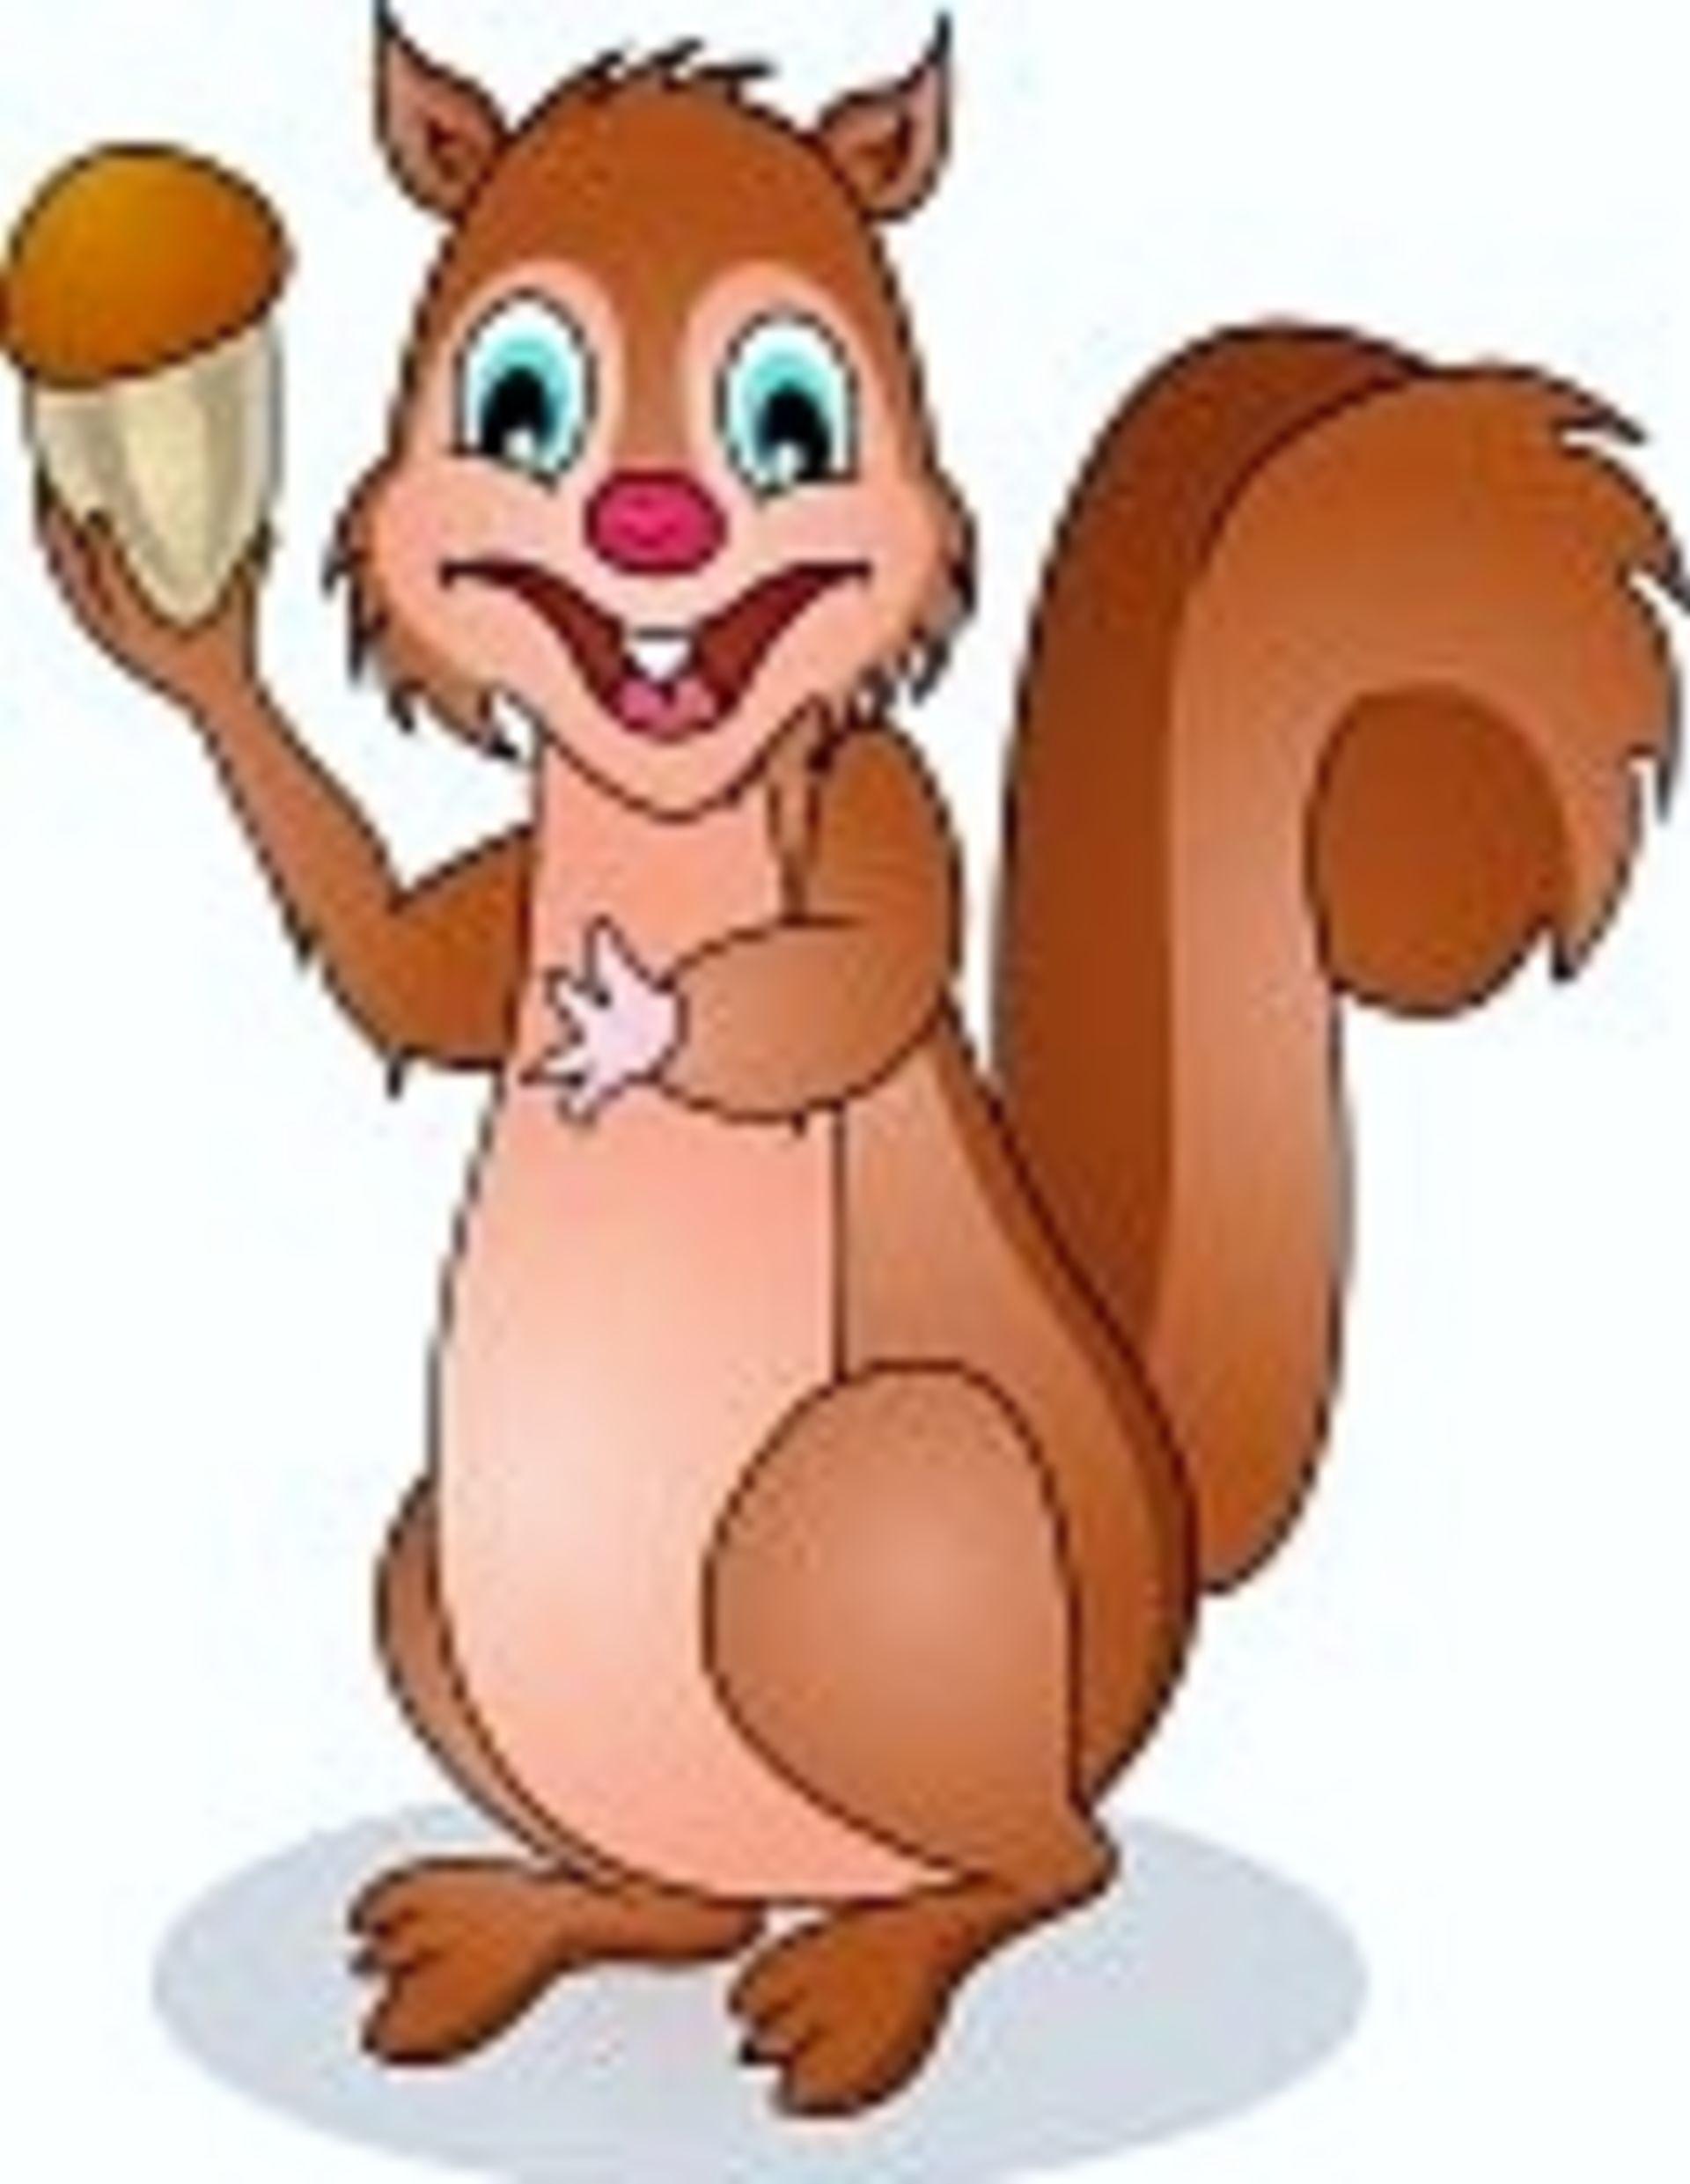 Do You Have a Squirrel Gun?